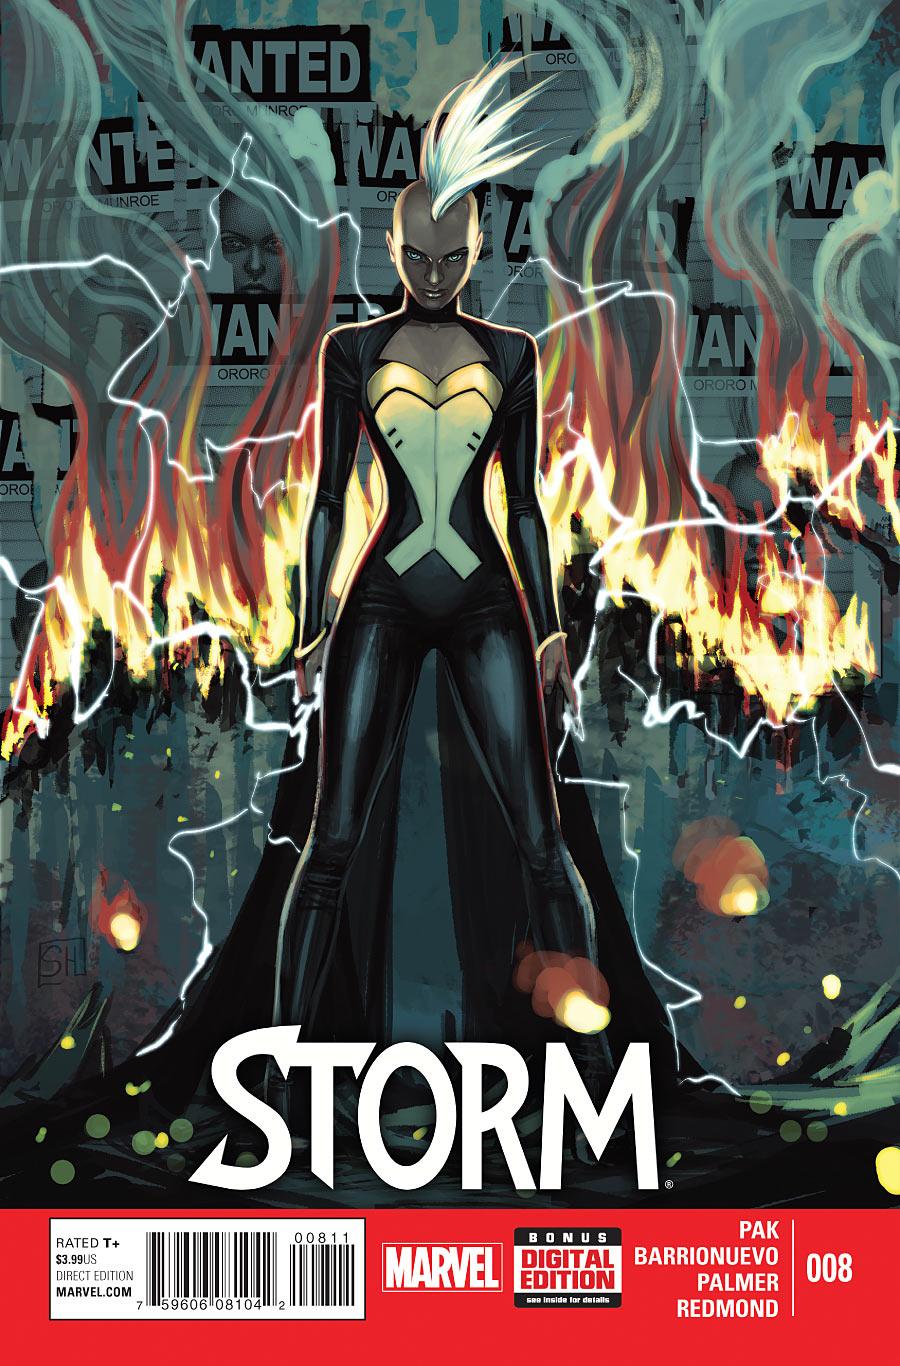 Storm Vol 3 8